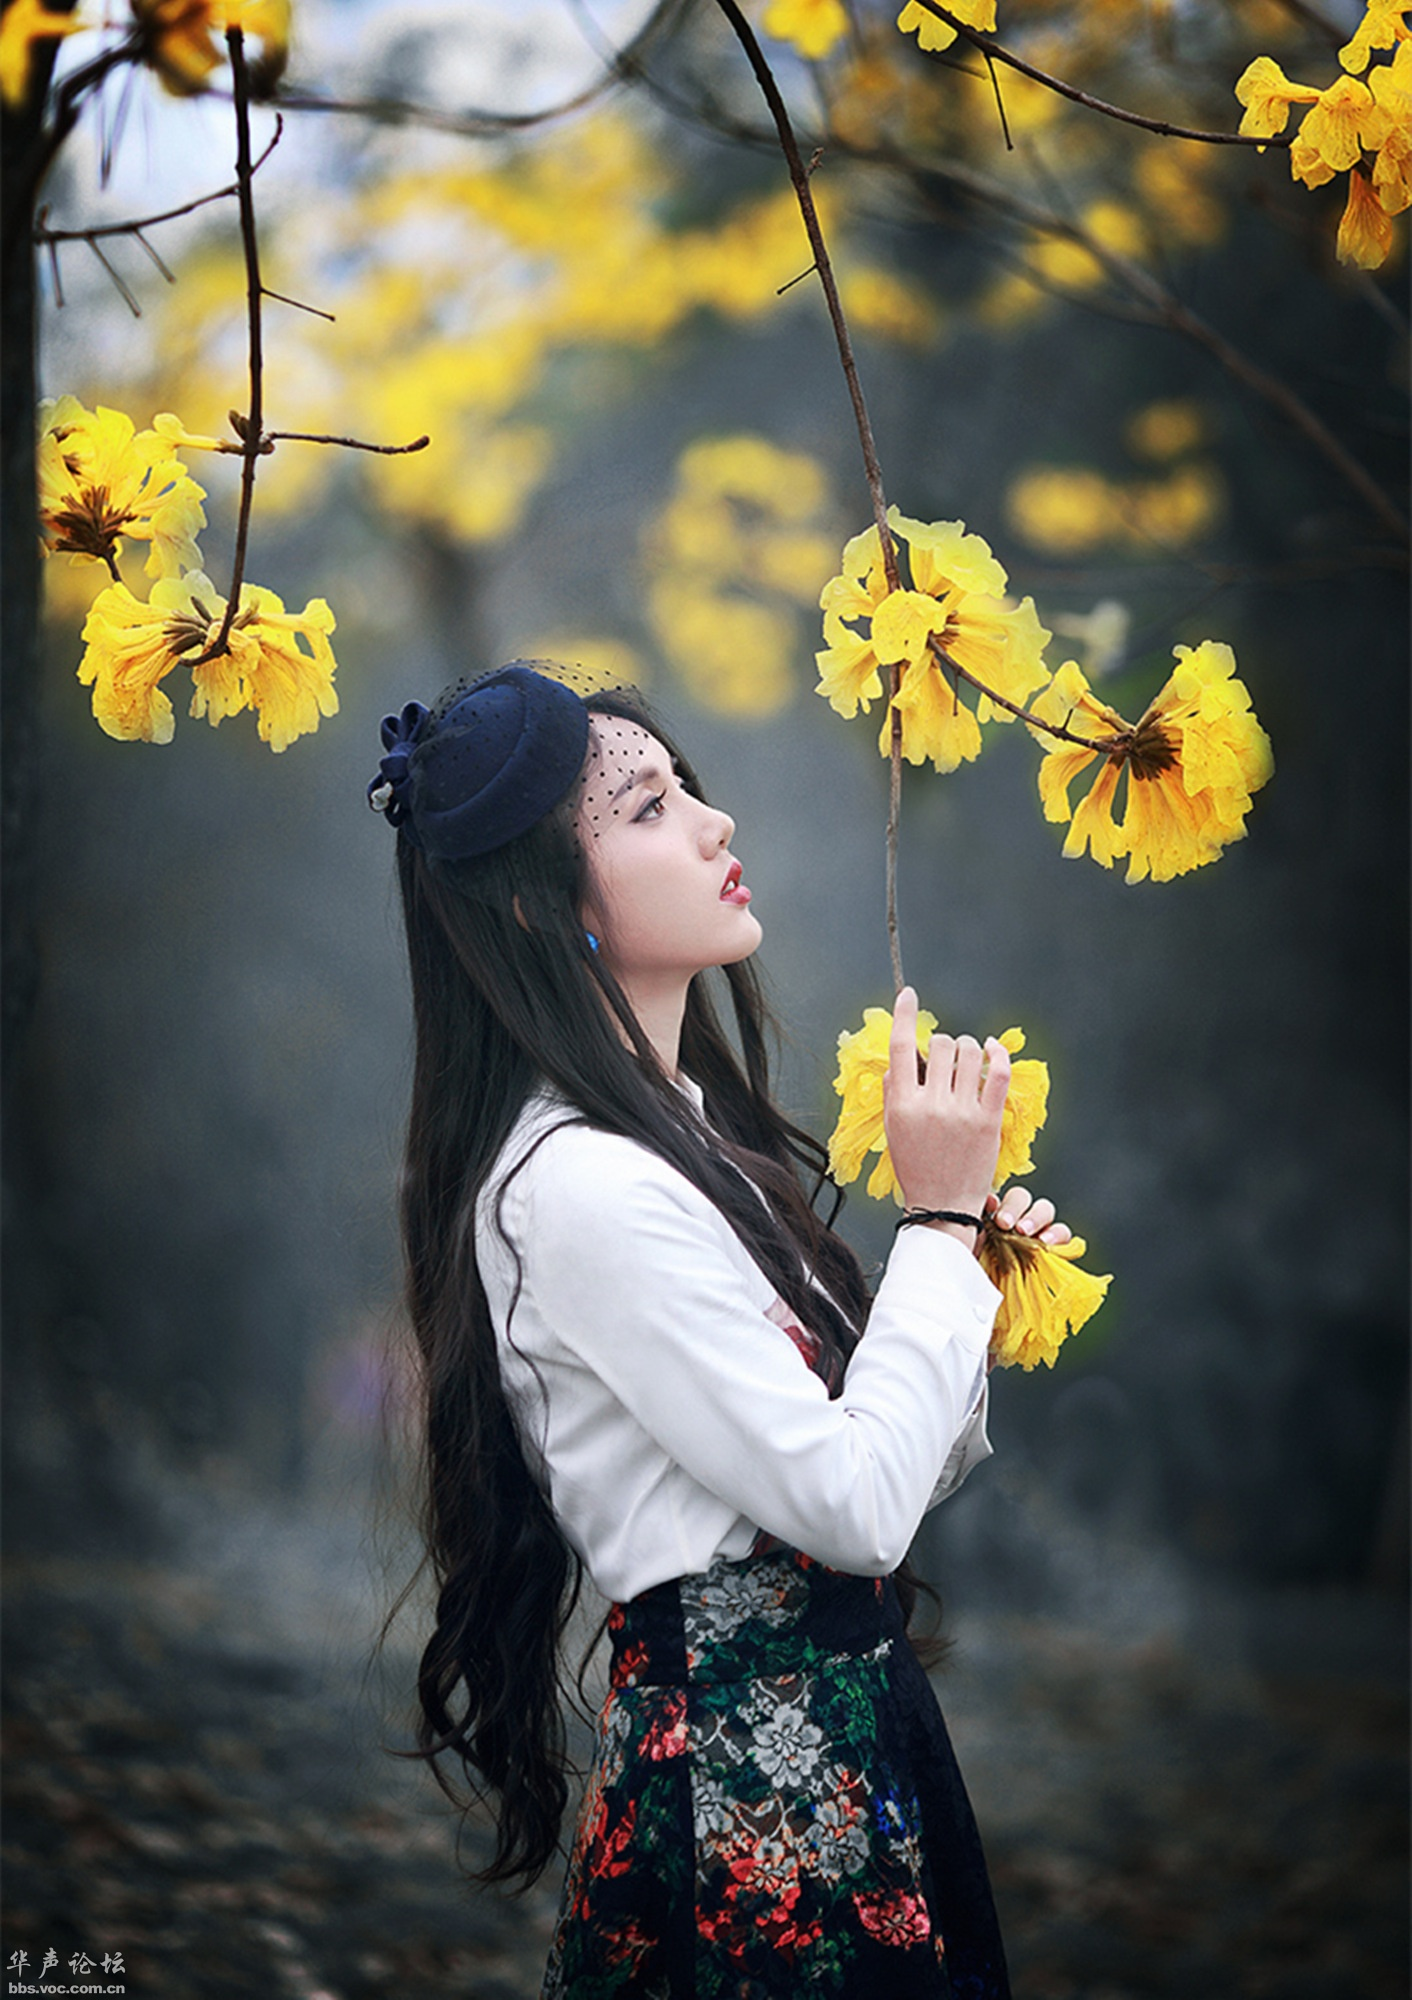 黄花美女 - 花開有聲 - 花開有聲